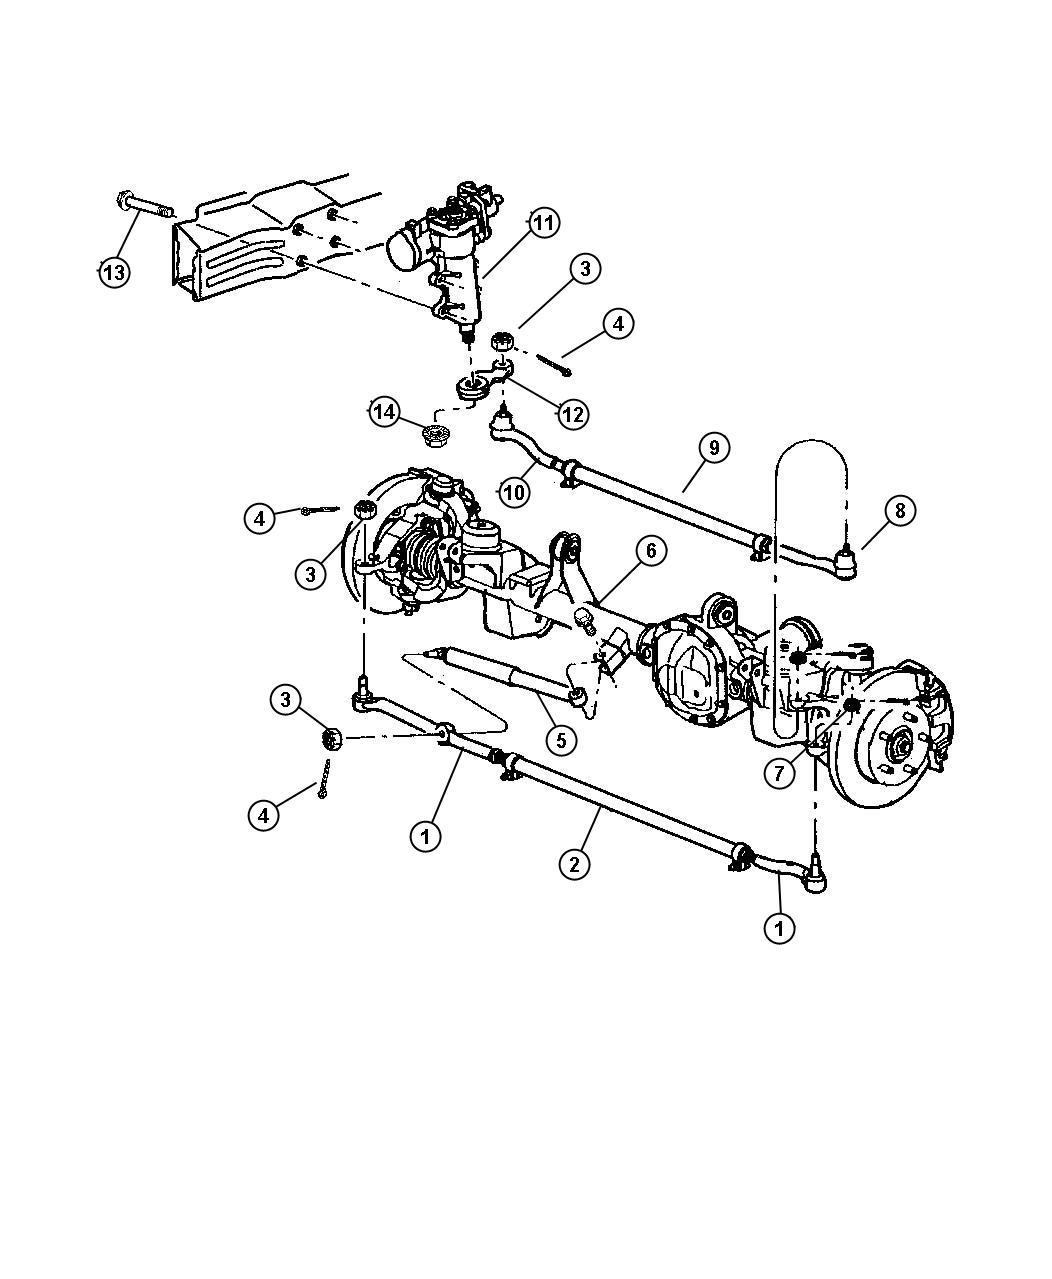 Dodge Ram Socket Tie Rod Drag Link To Knuckle